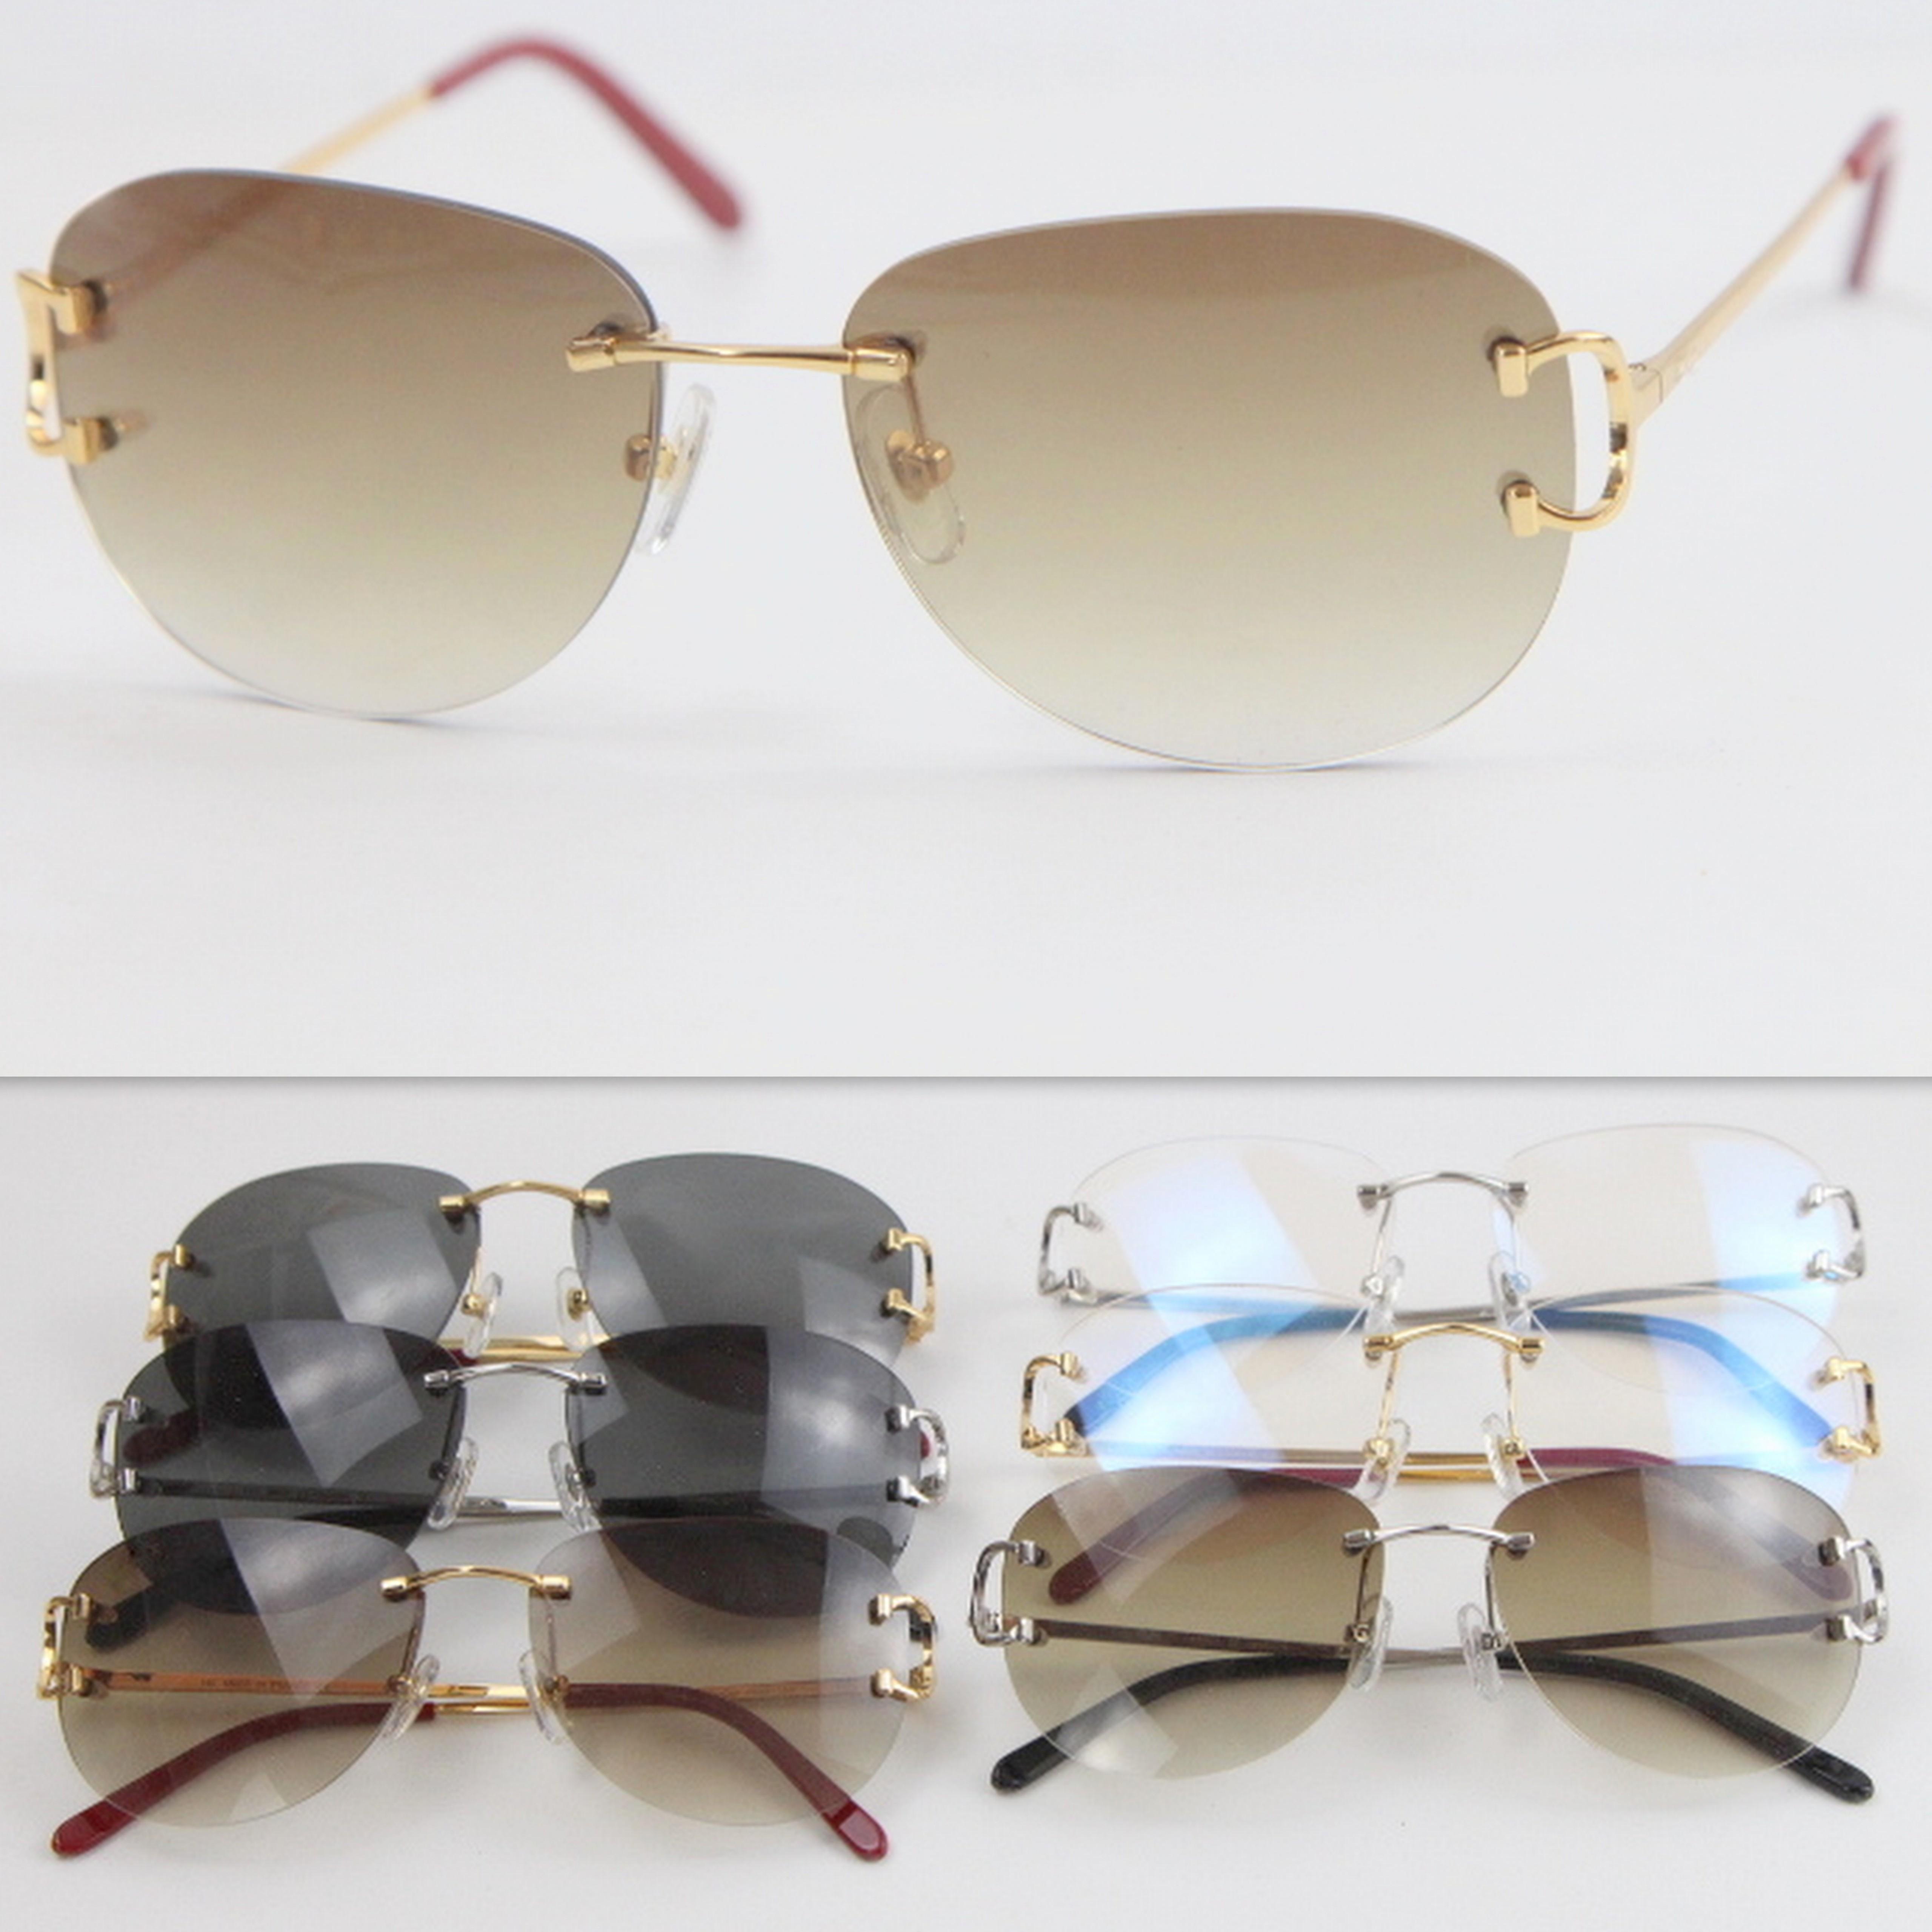 도매 판매 UV400 보호 4193828 무선 선글라스 패션 남자 여자 스포츠 안경 야외에서 골드 금속 프레임 안경 남성과 여성